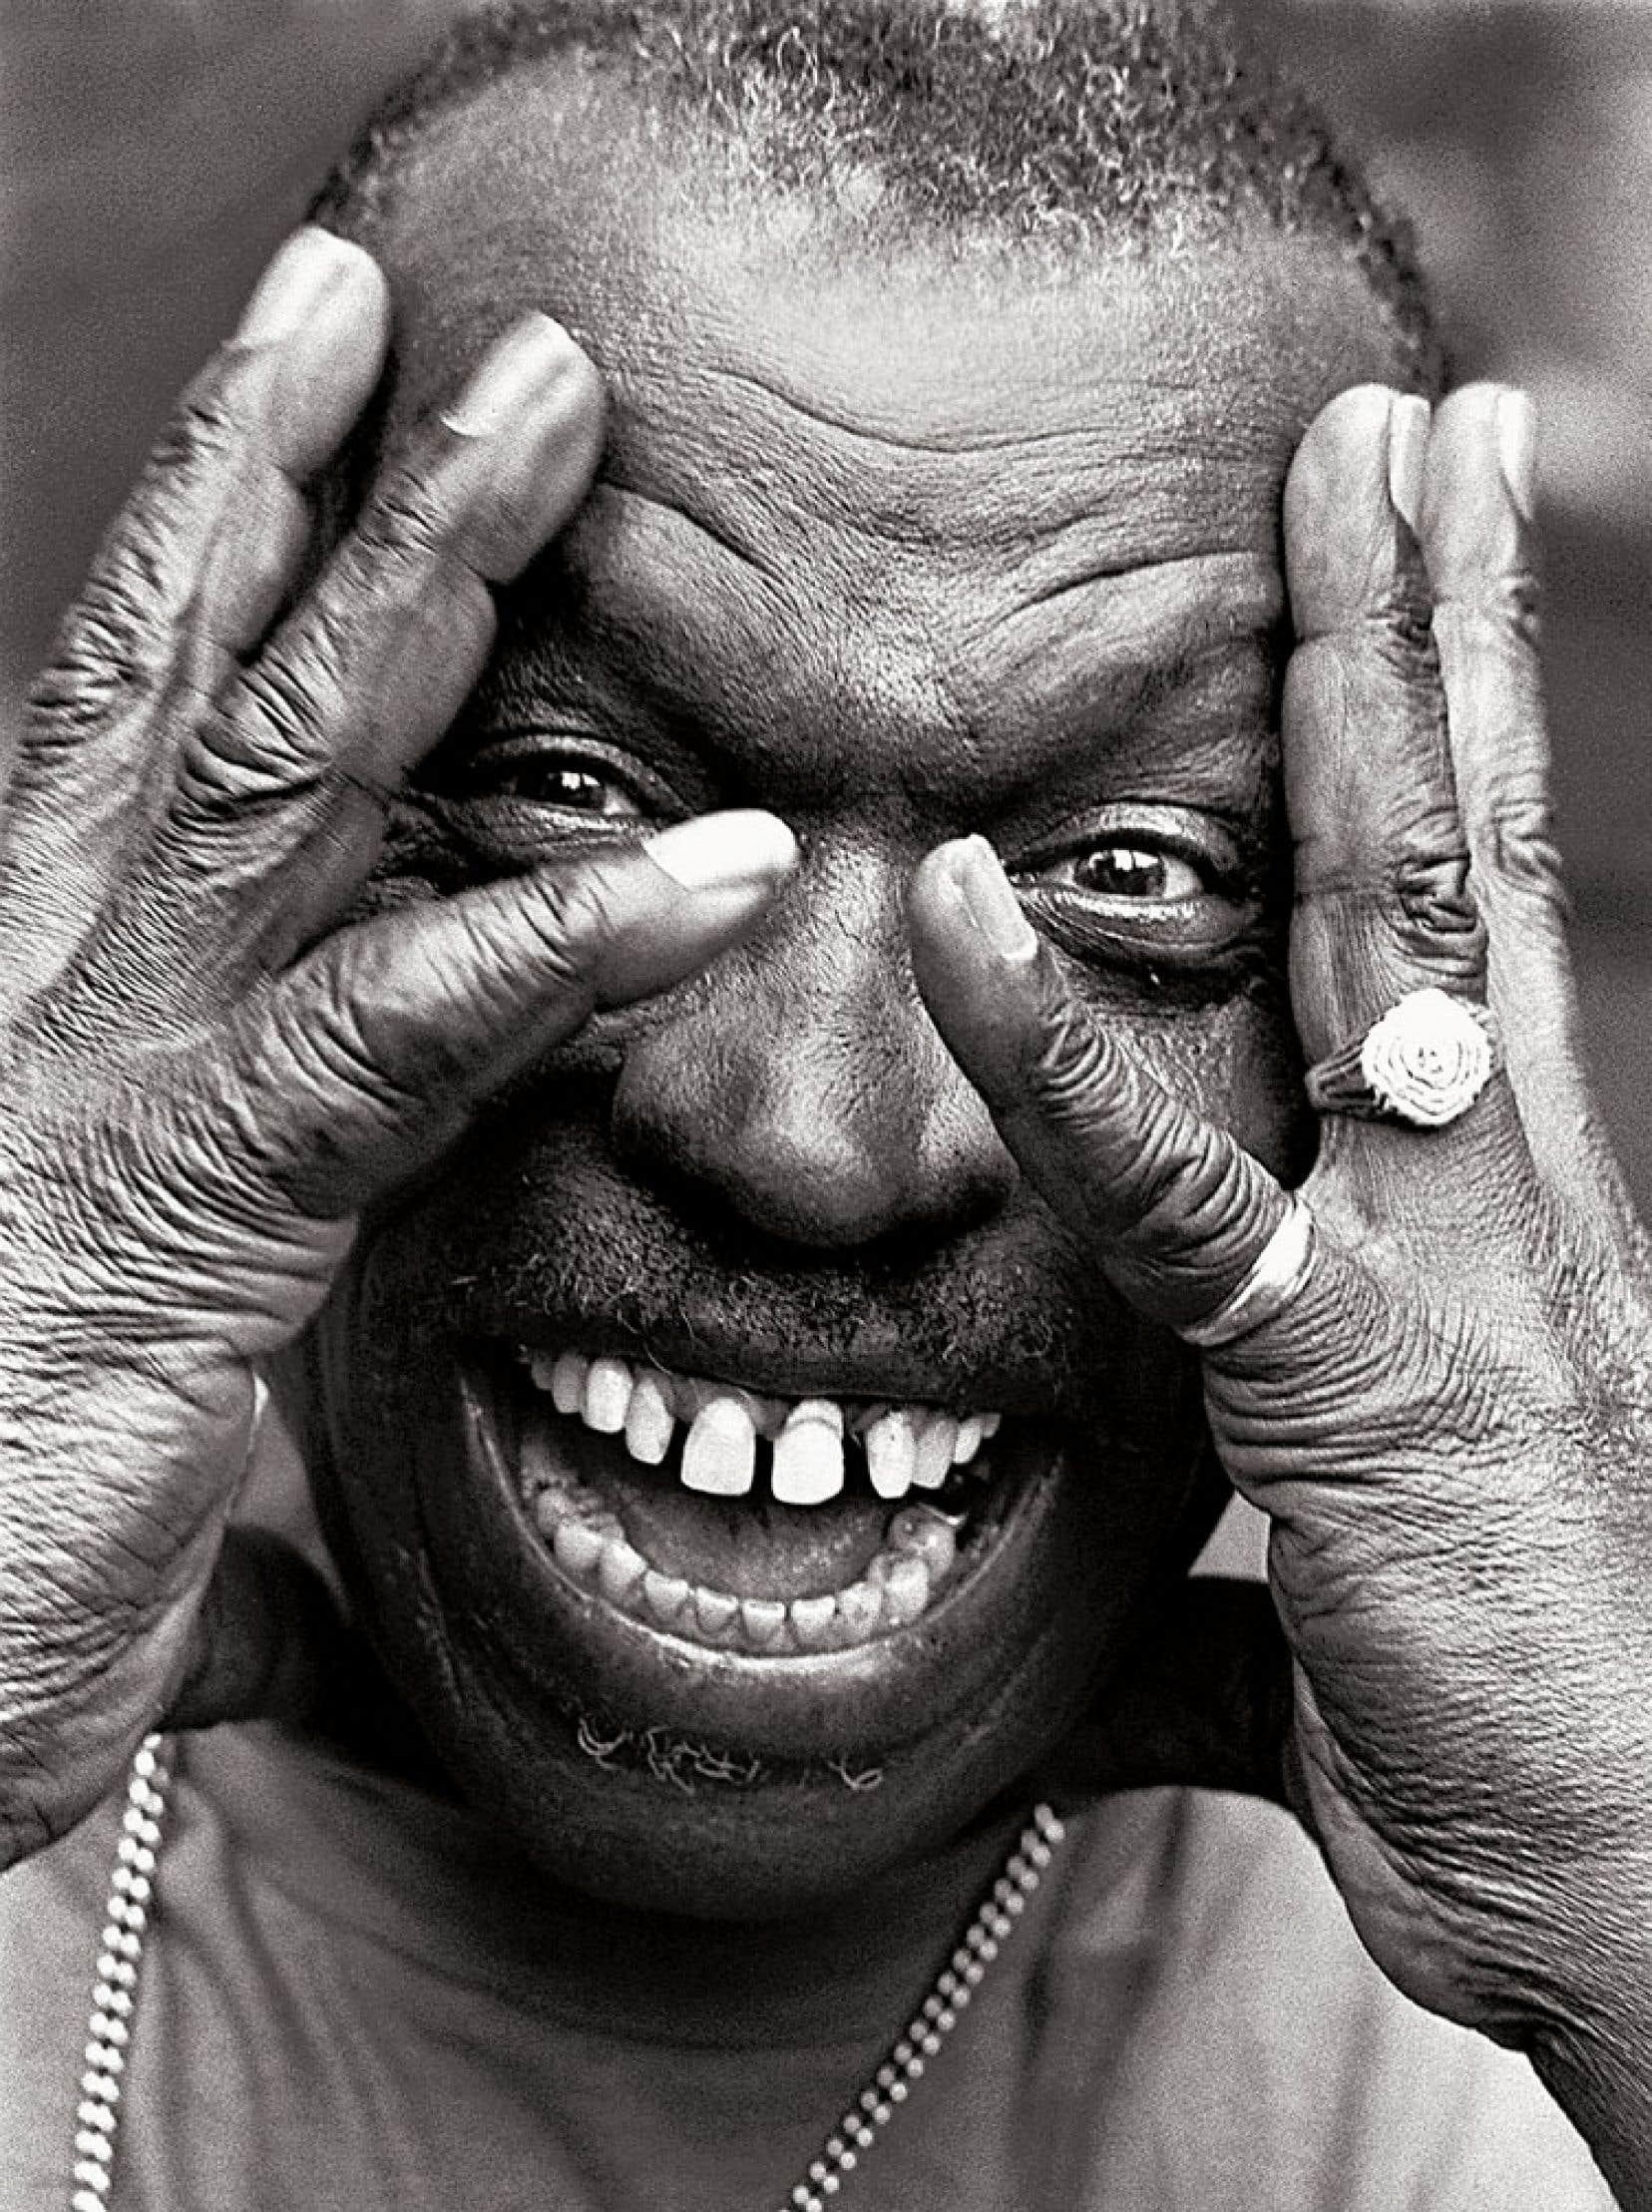 Elvin Jones répond par ce geste au regard franc du photographe.